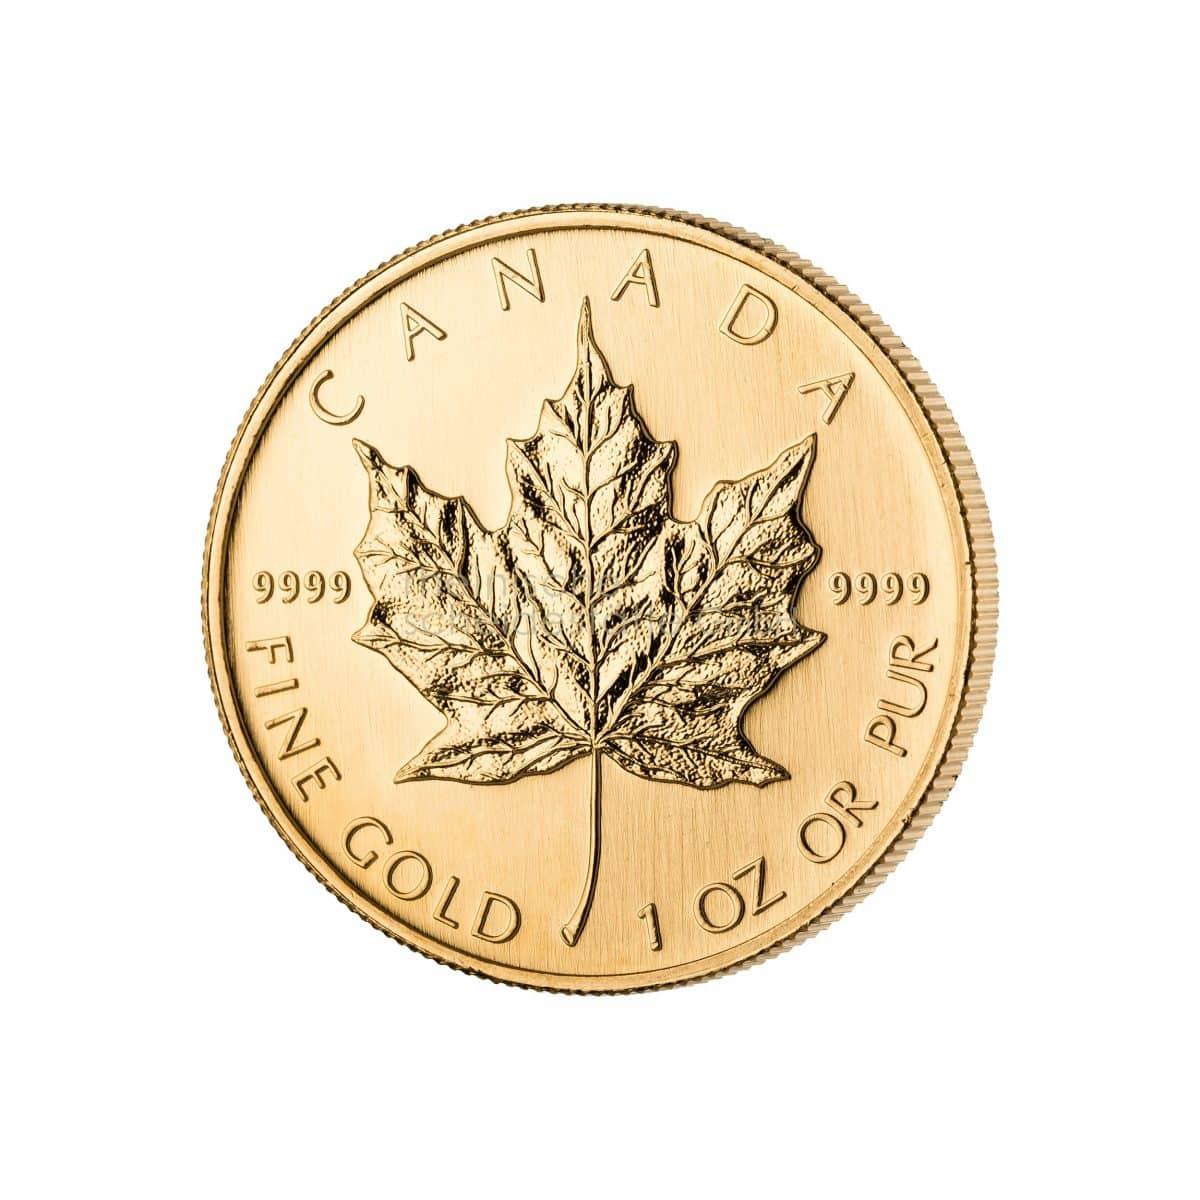 Maple Leaf Gold Goldmünzen Vorderseite